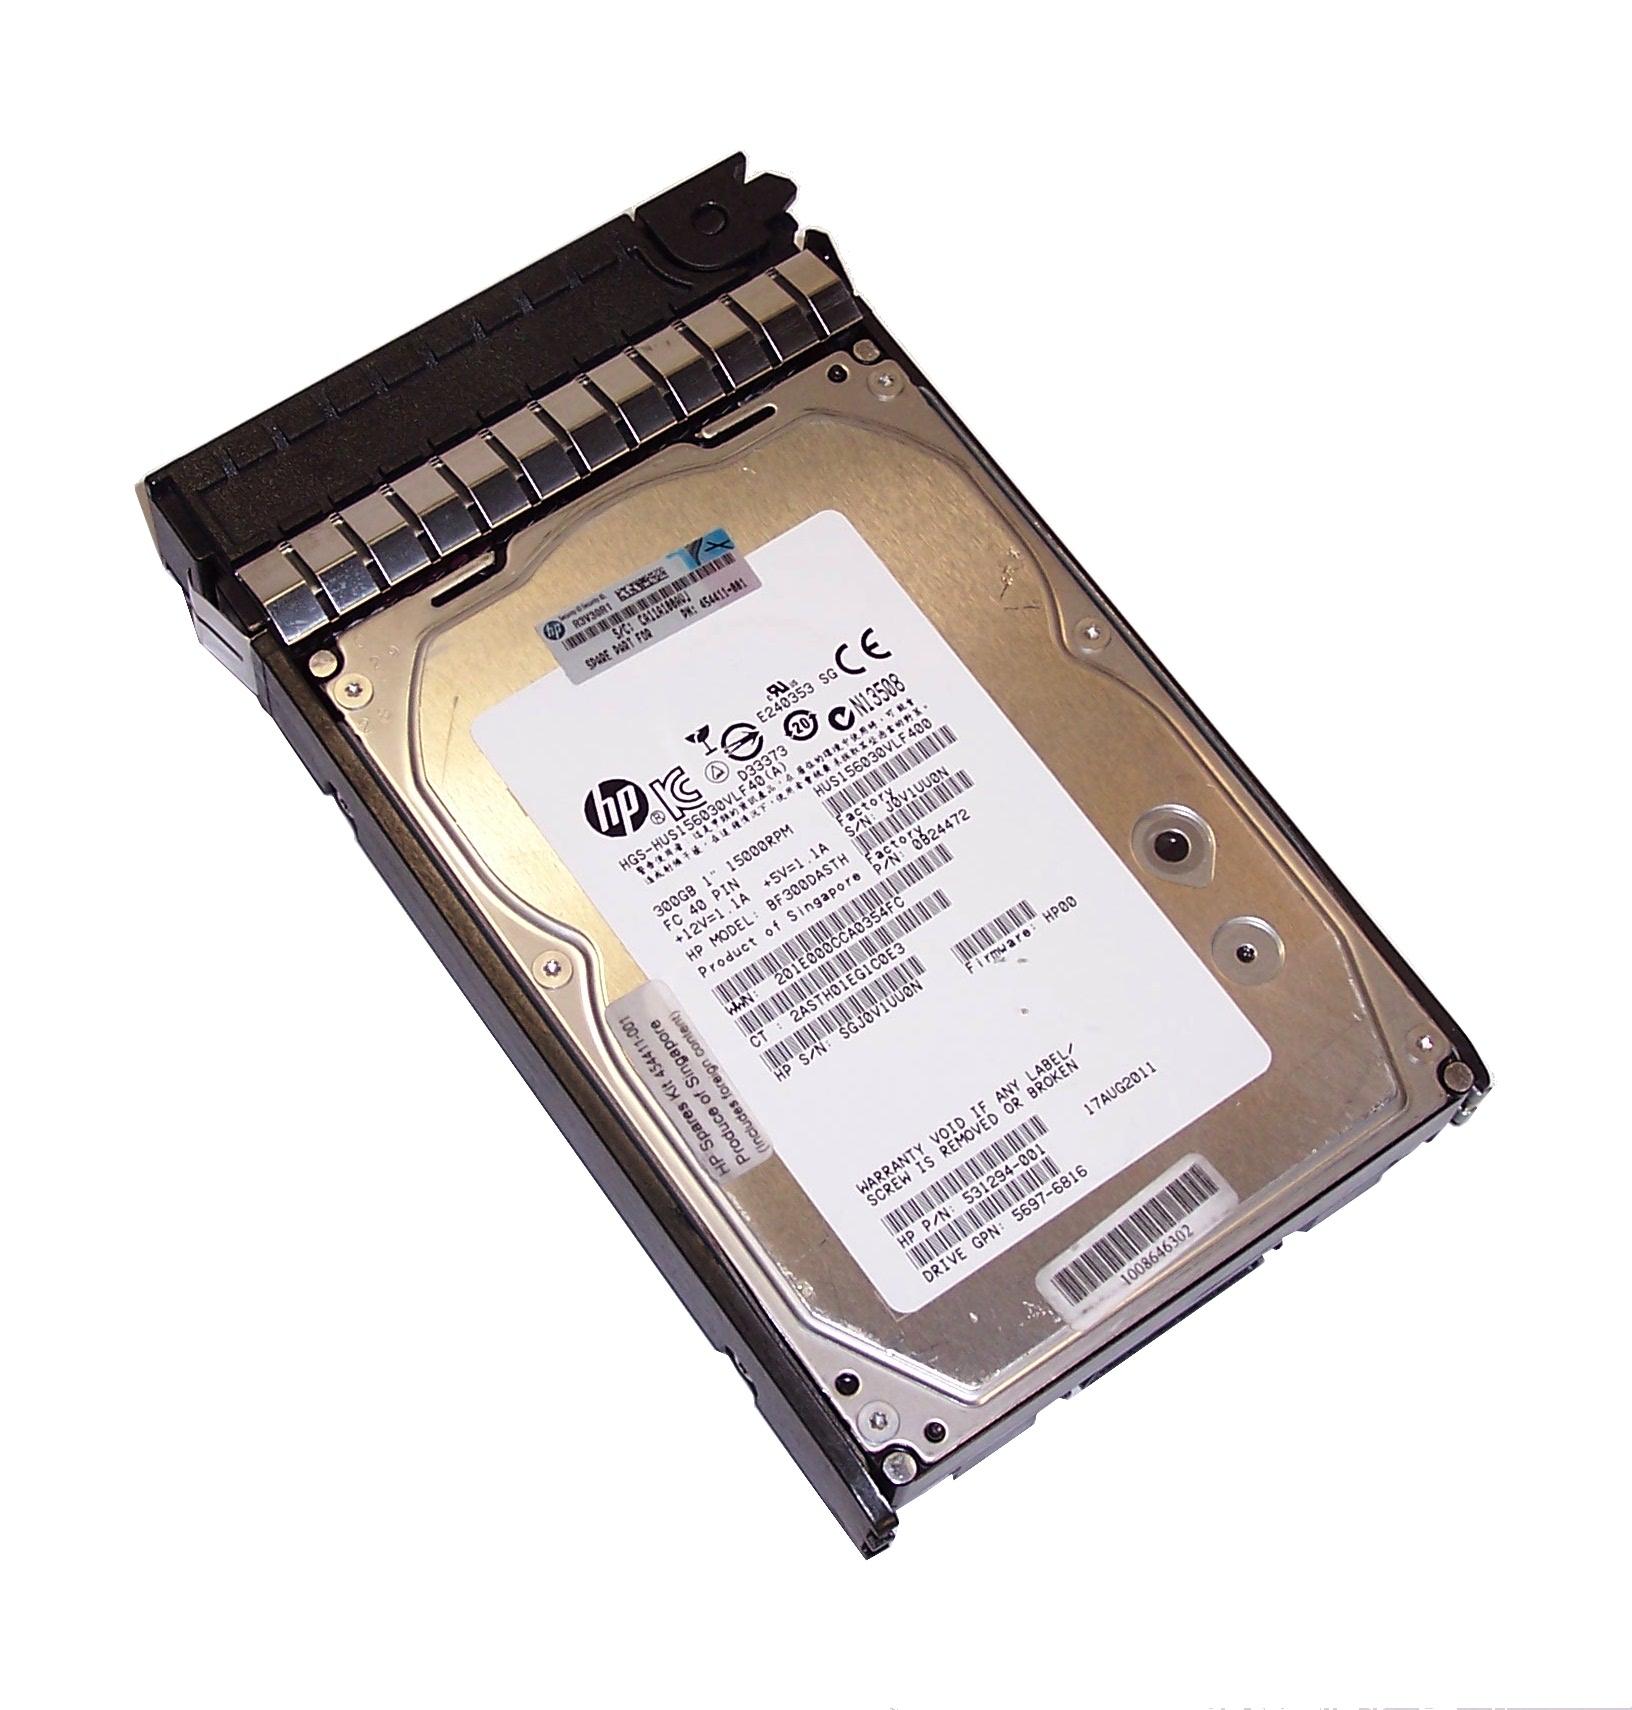 HP 454411-001 531294-001 BF300DASTH 300GB Dual Port 15K FC ...